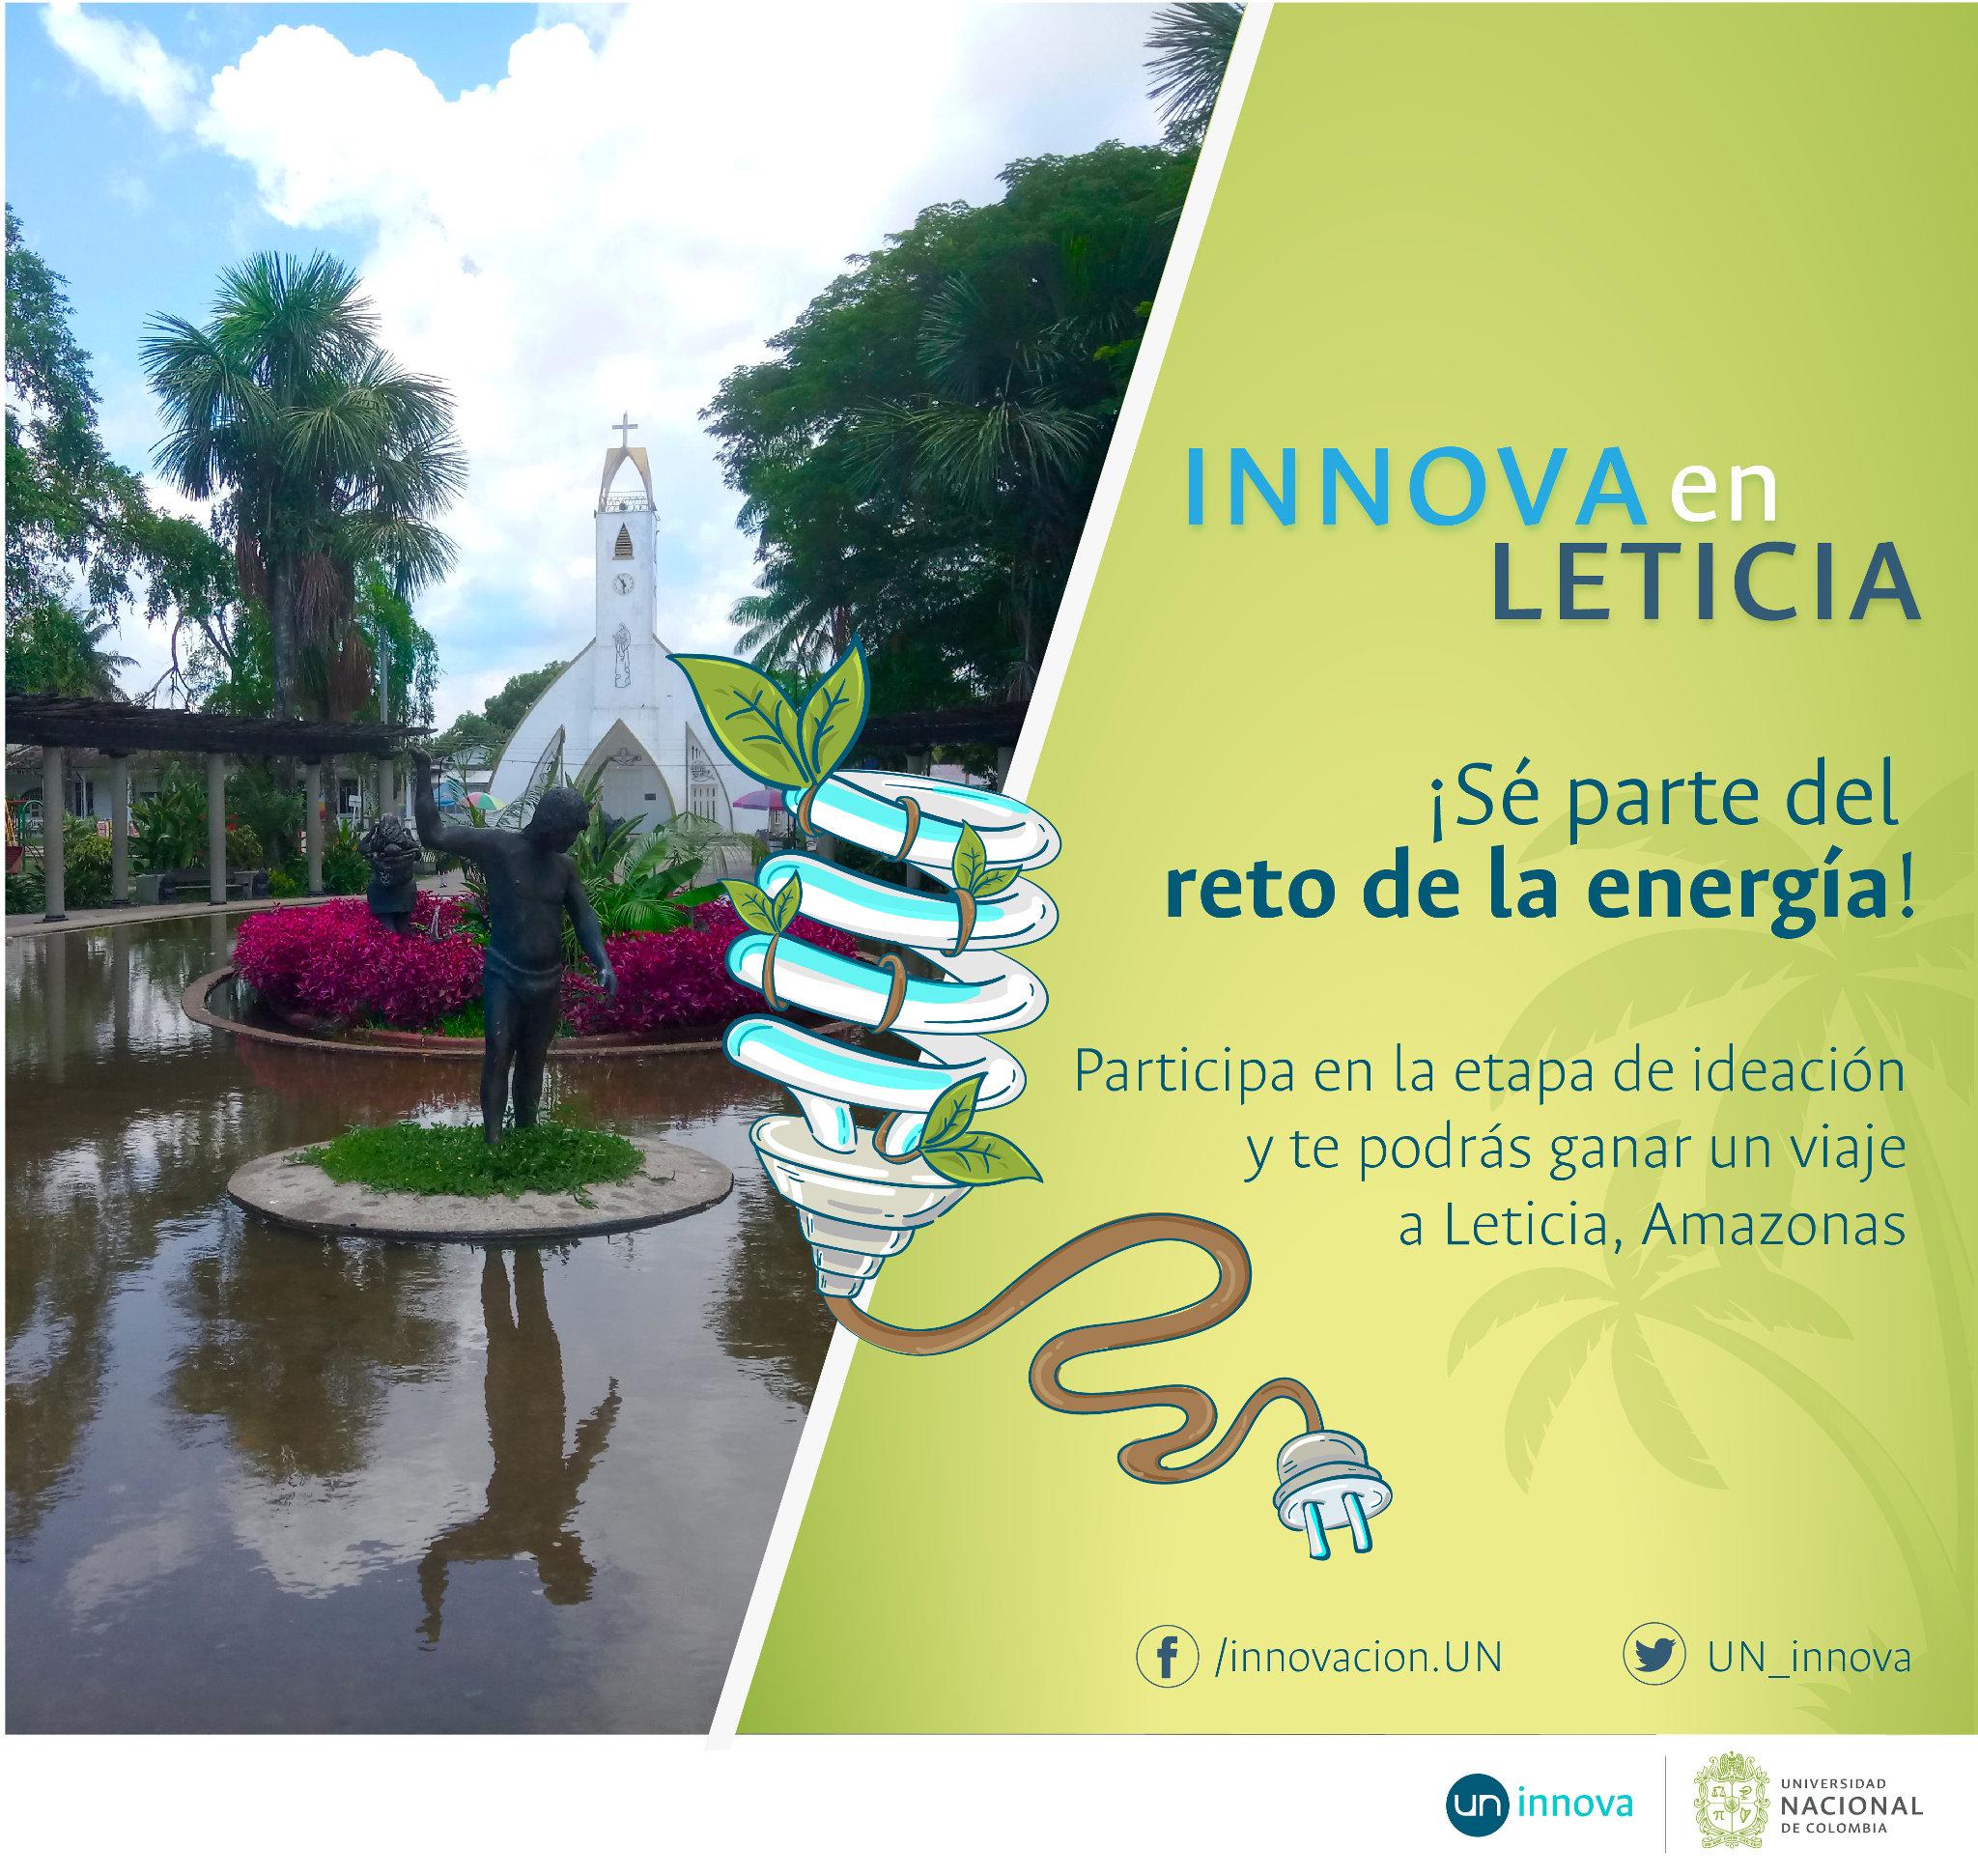 Reto UN Innova Amazonia